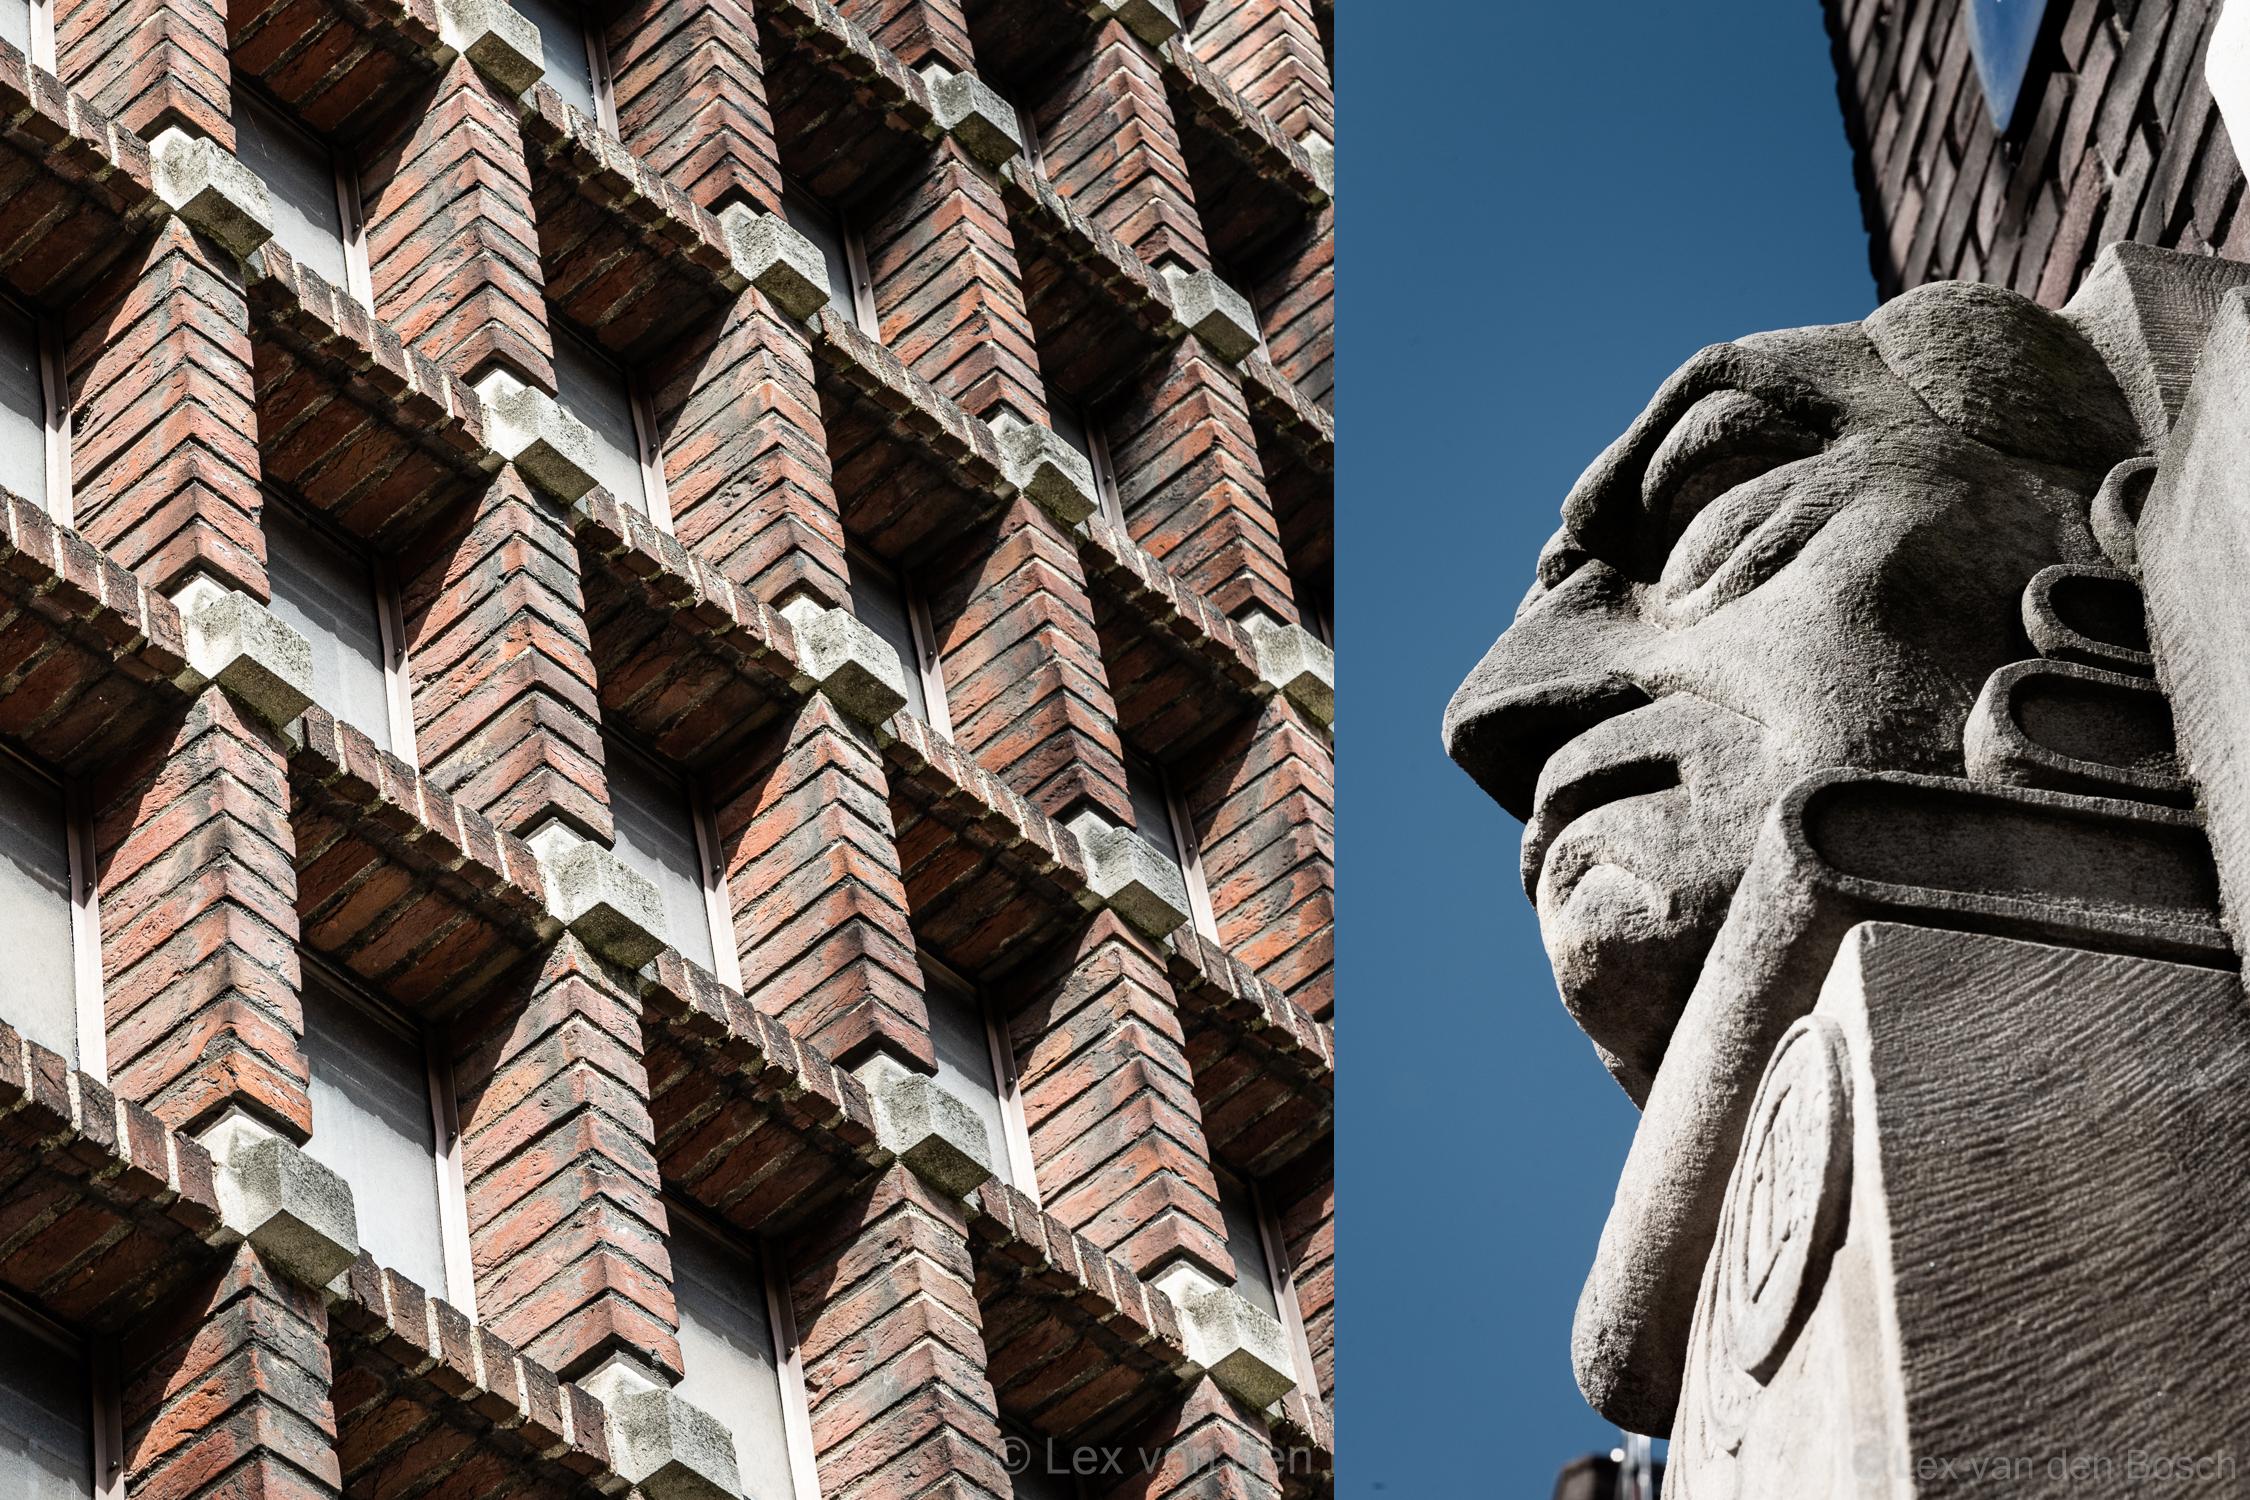 Fotowandelworkshop Architectuur in Amsterdam-Zuid; Plan Zuid & Amsterdamse School